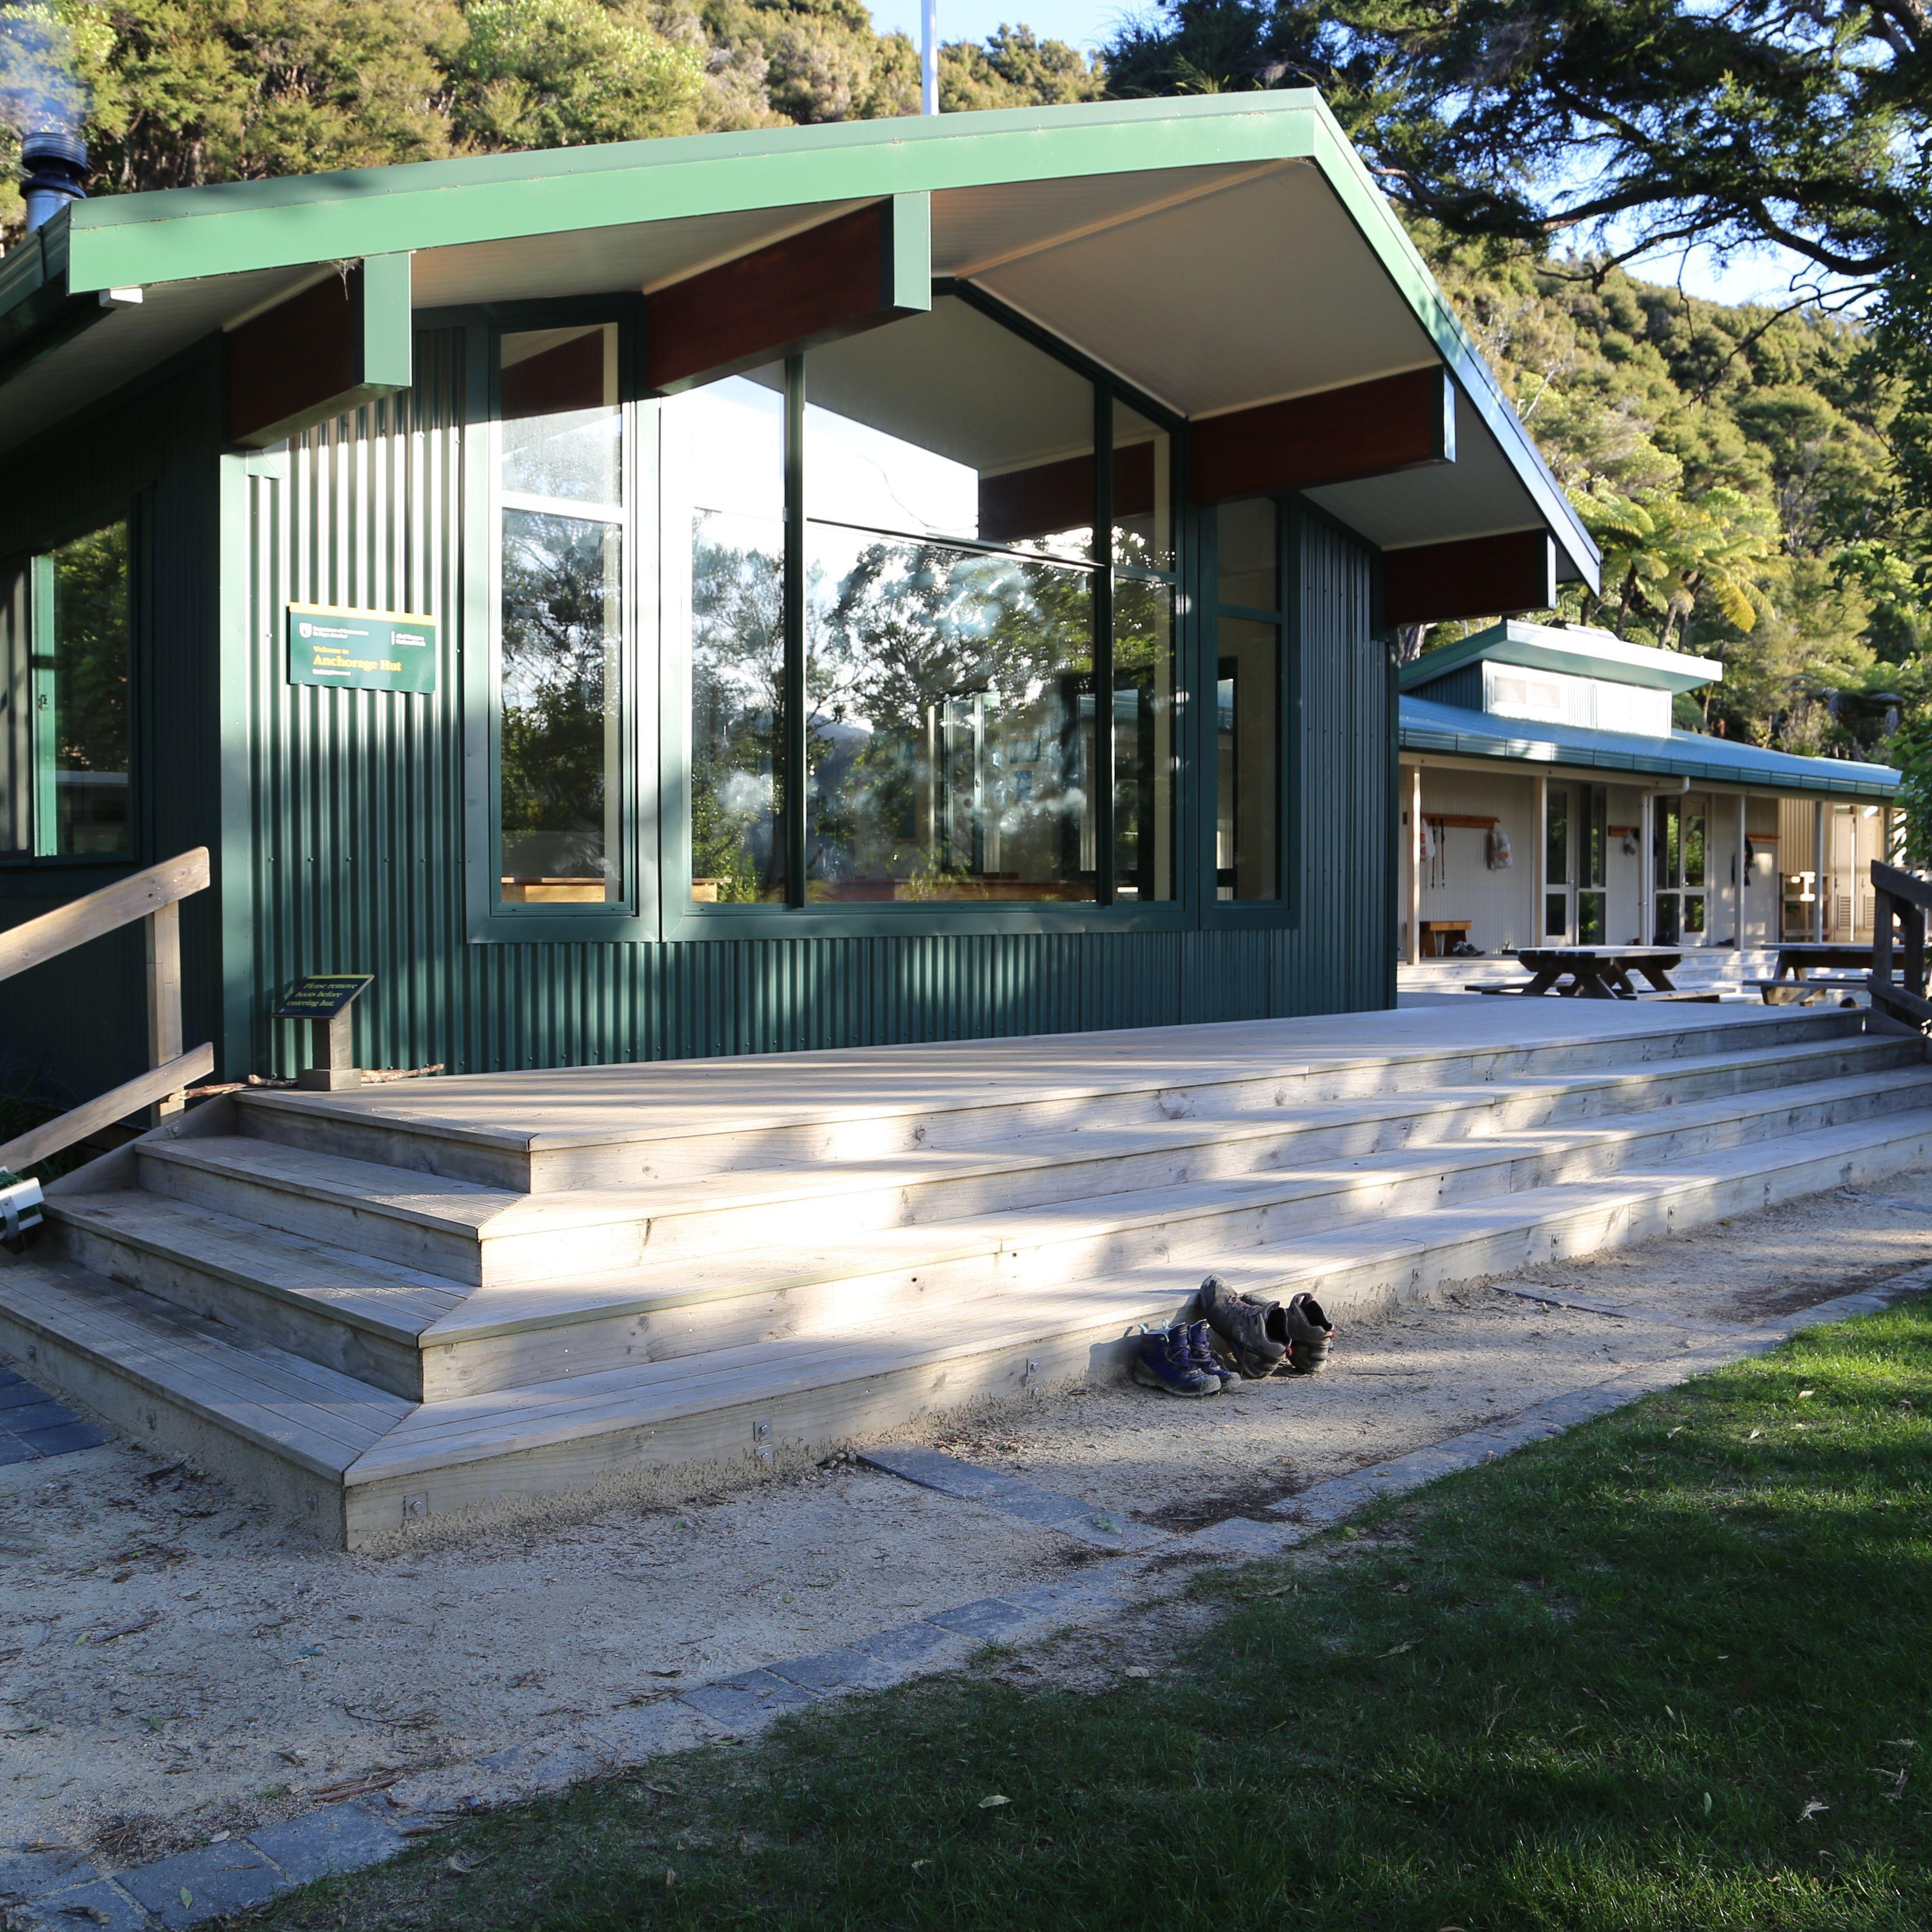 Hut Life: Anchorage Hut in Abel Tasman National Park